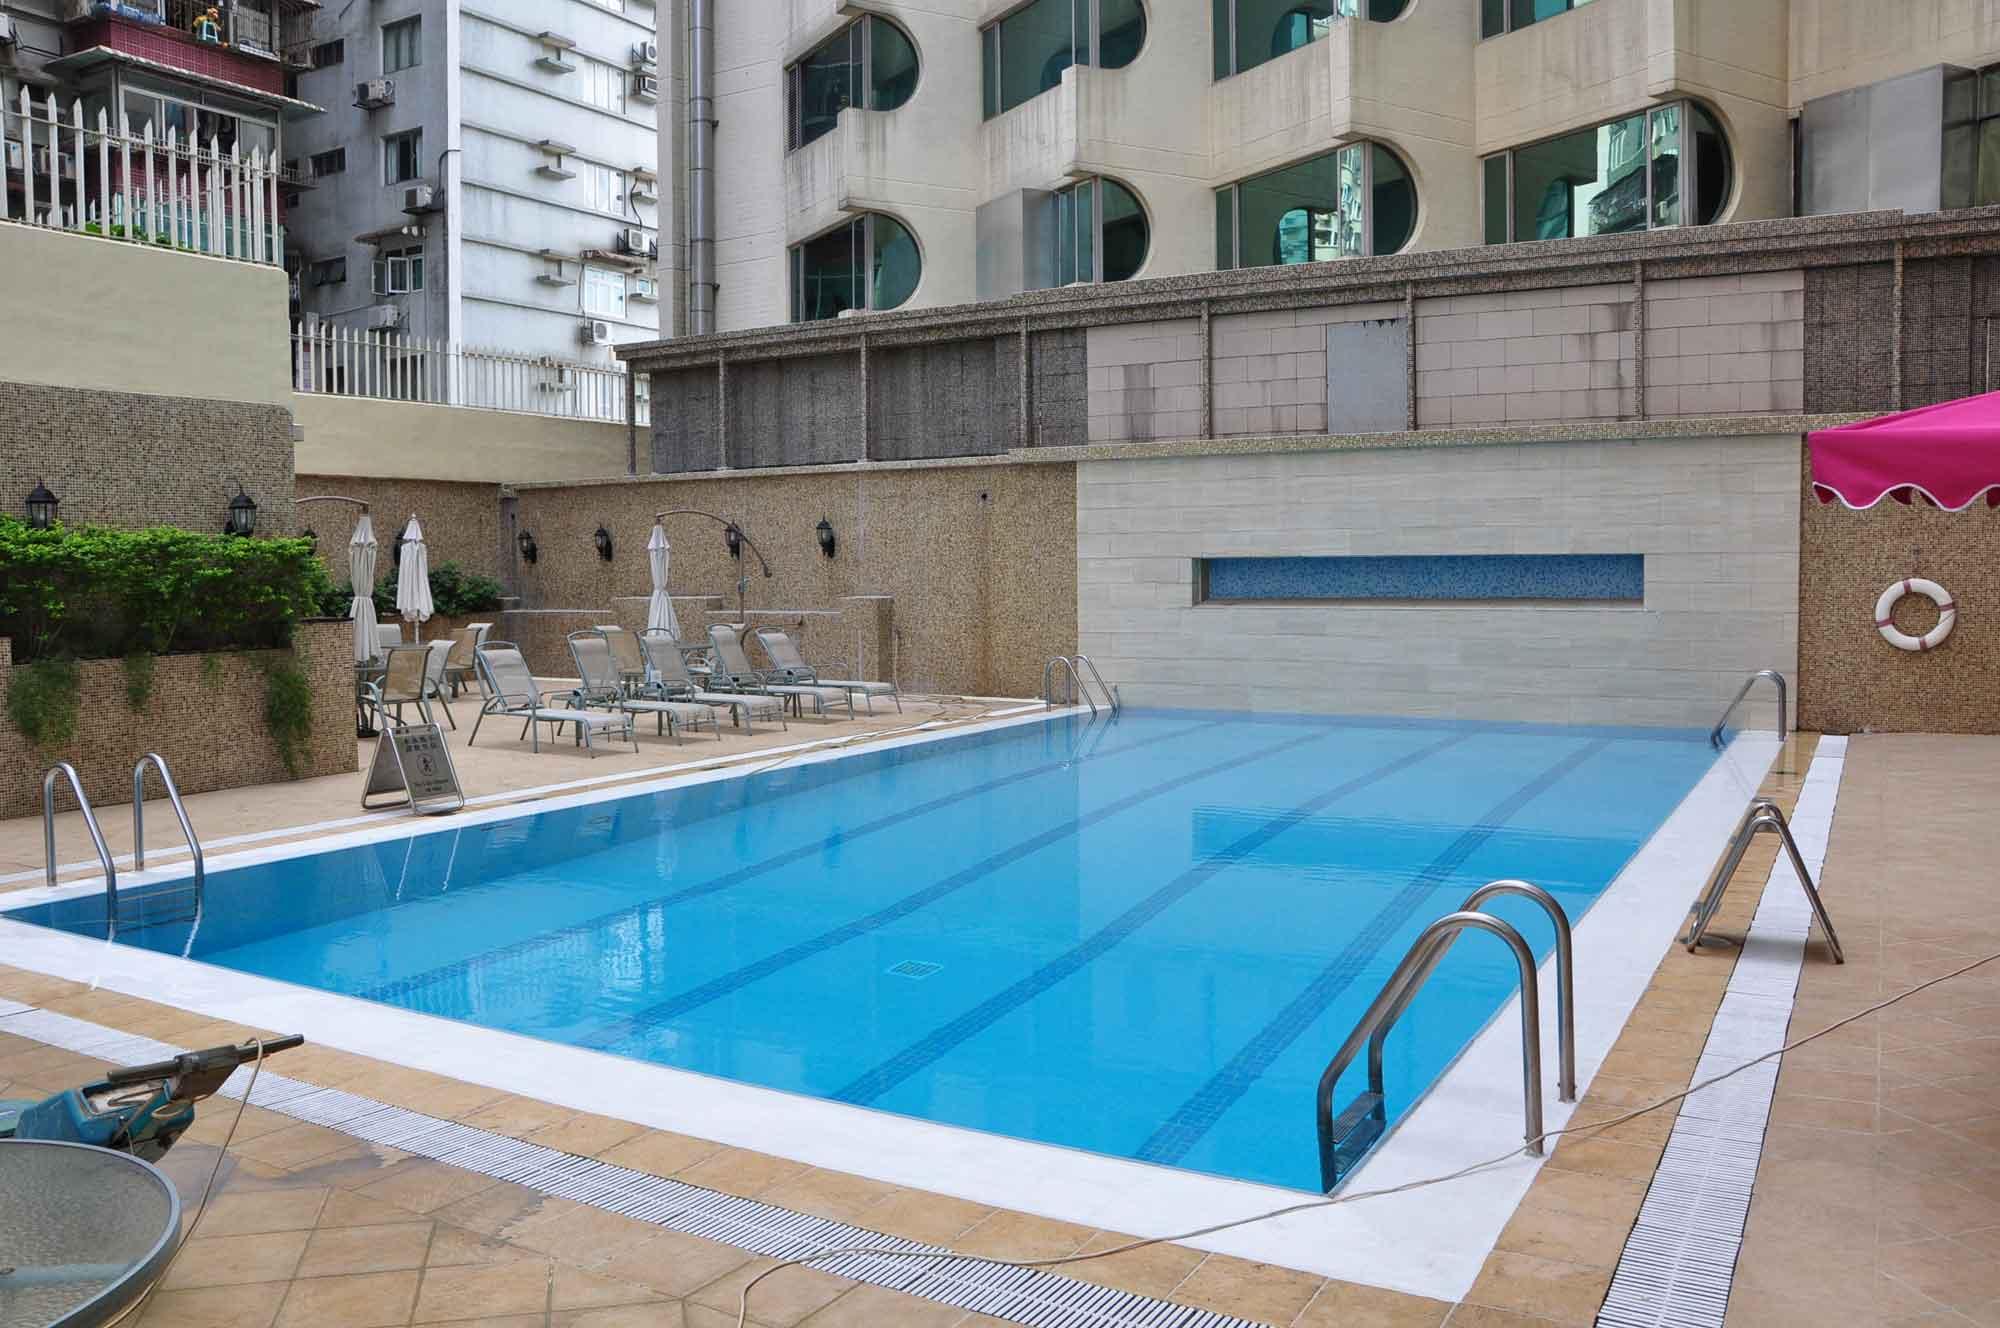 Grandview Hotel Macau outdoor pool